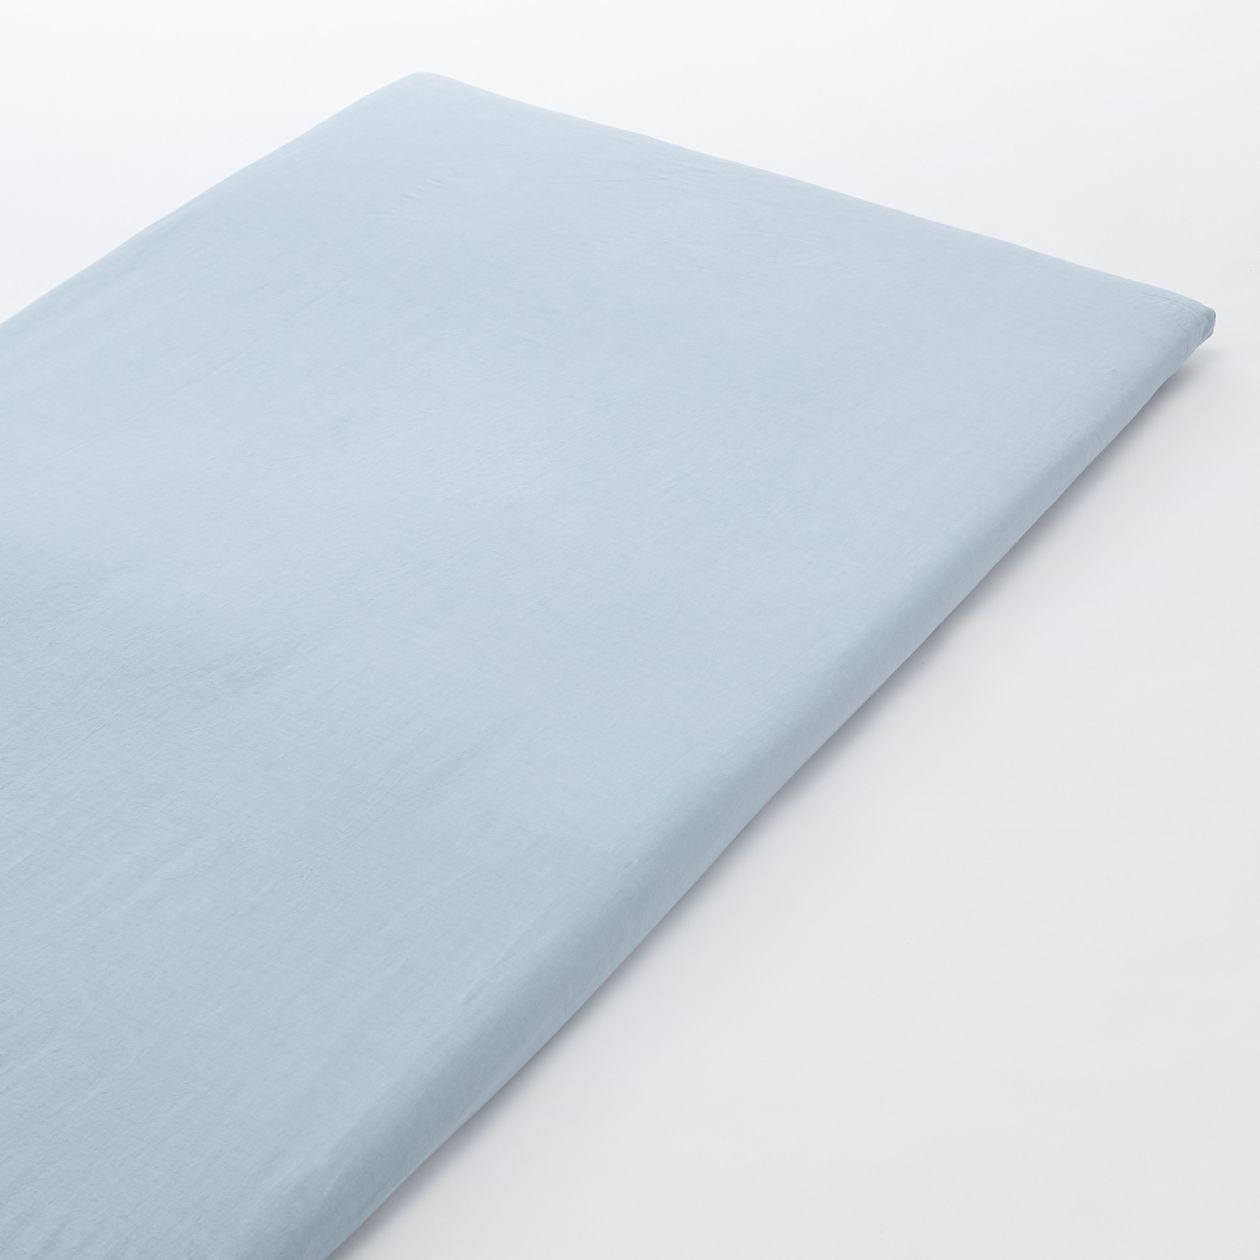 綿洗いざらし敷ふとんシーツ・ゴム付き・S/ライトブルー